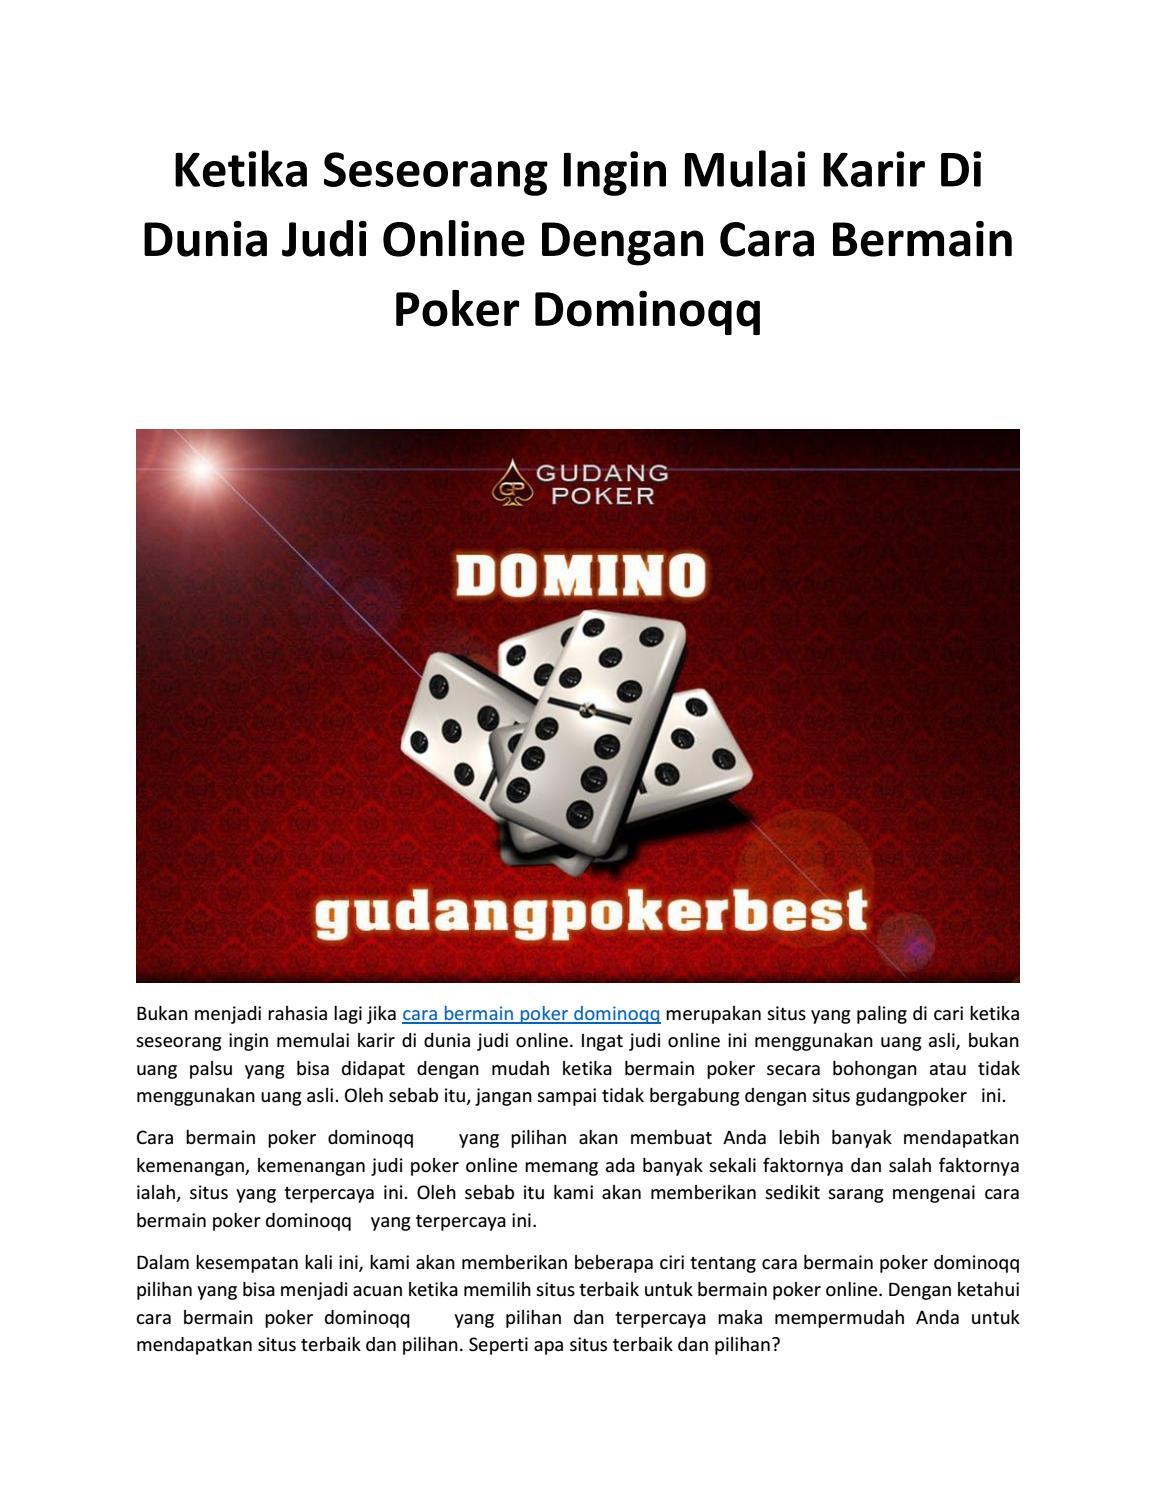 Ketika Seseorang Ingin Mulai Karir Di Dunia Judi Online Dengan Cara Bermain Poker Dominoqq By Paragonpoker Issuu